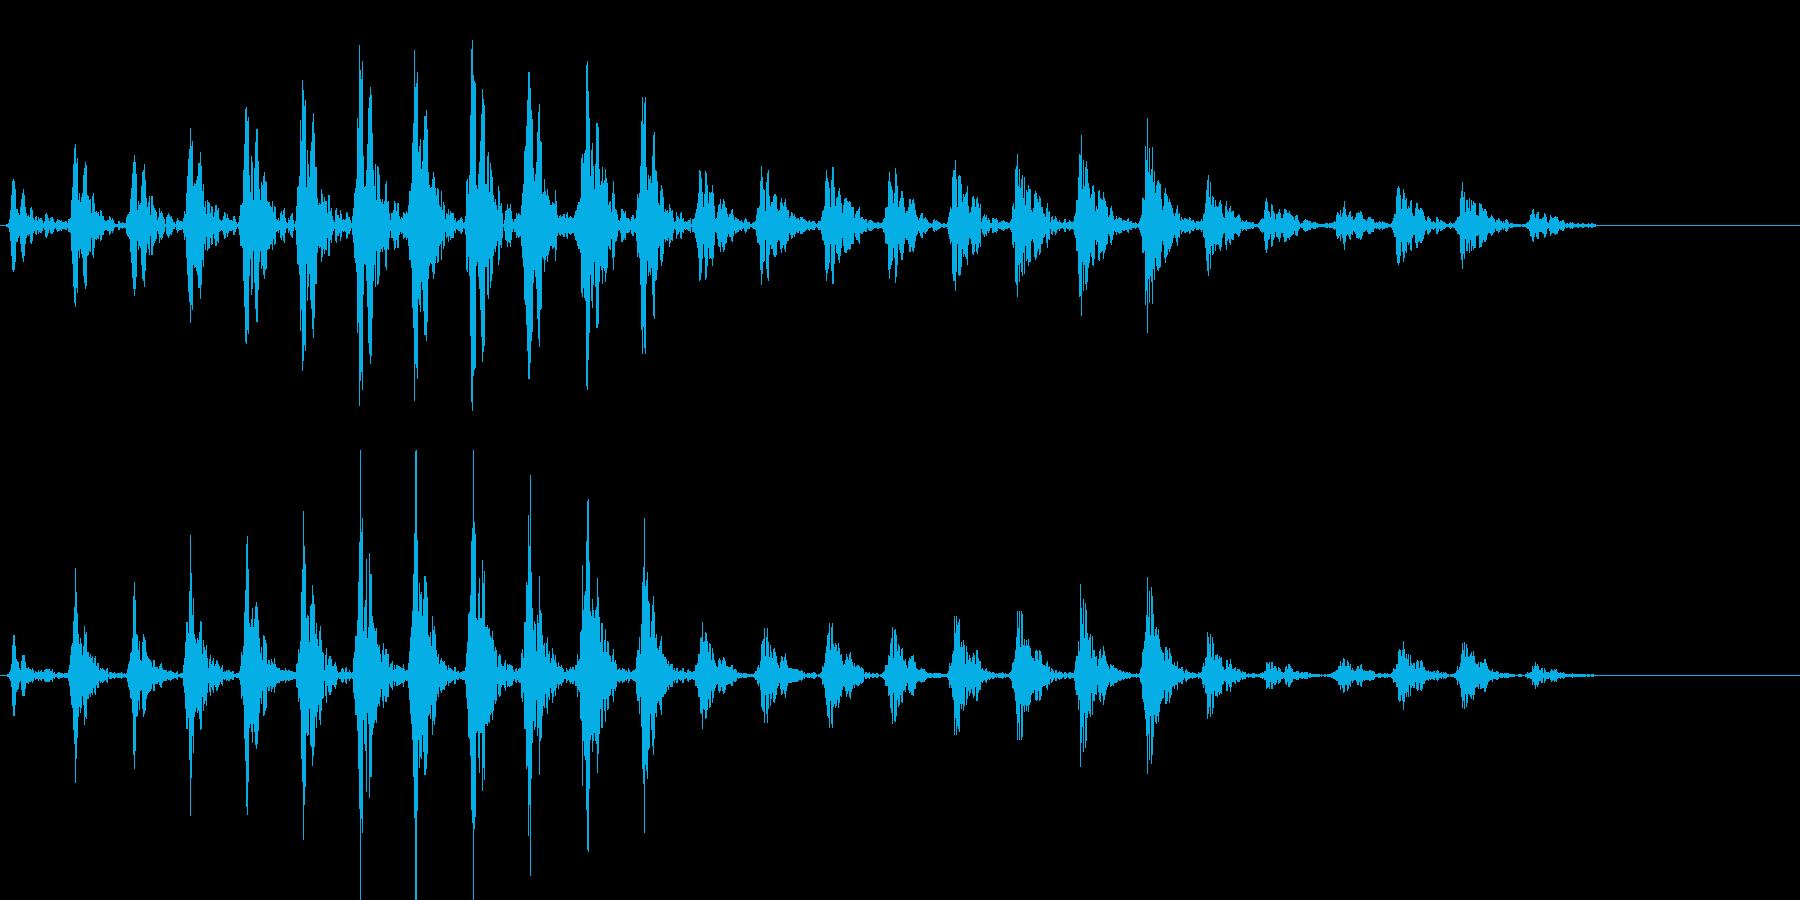 トンカチの音01の再生済みの波形